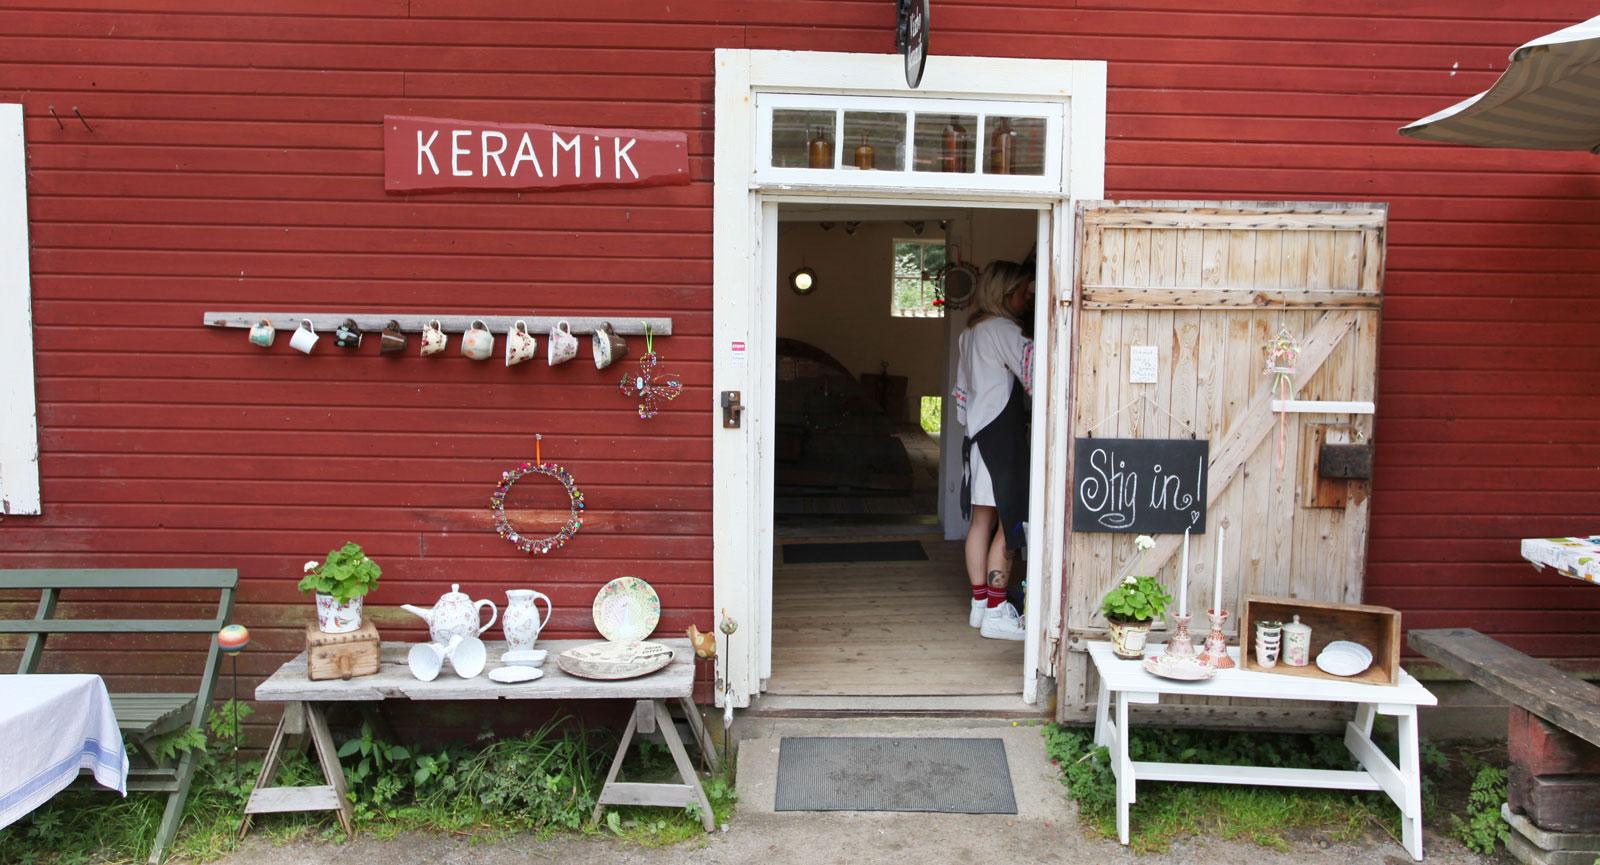 Keramik, kläder och delikatesser är exempel på vad du kan hitta när shoppingsuget slår till.